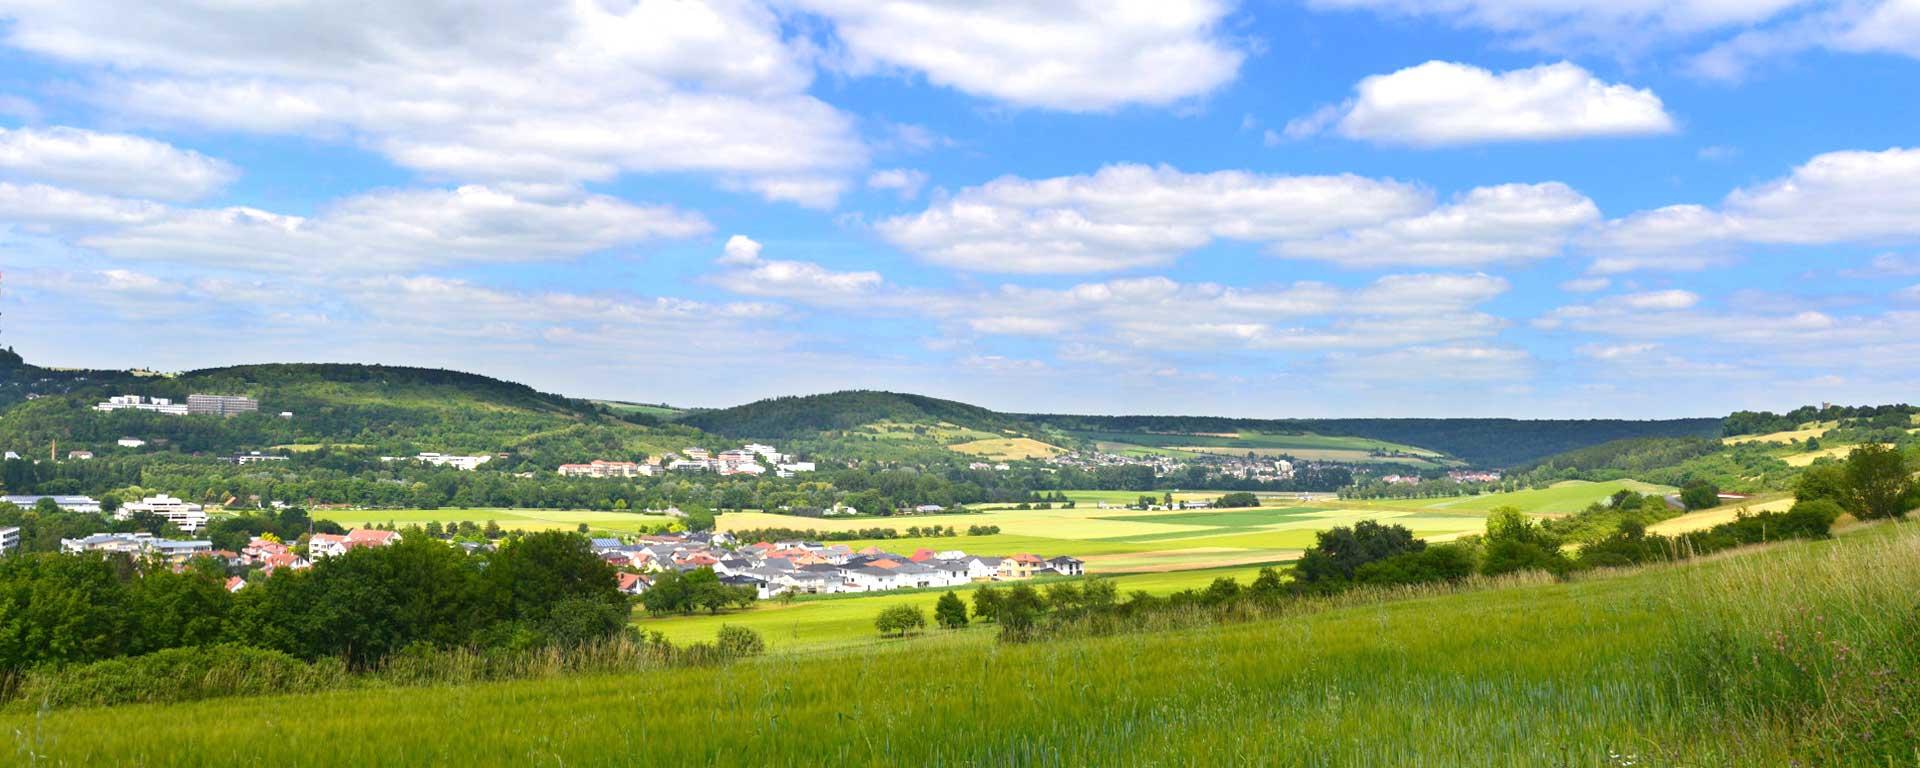 Kurzurlaub im 4-Sterne HOTEL SAVOY Bad Mergentheim an der Romantischen Straße - mit Blick auf das liebliche Taubertal